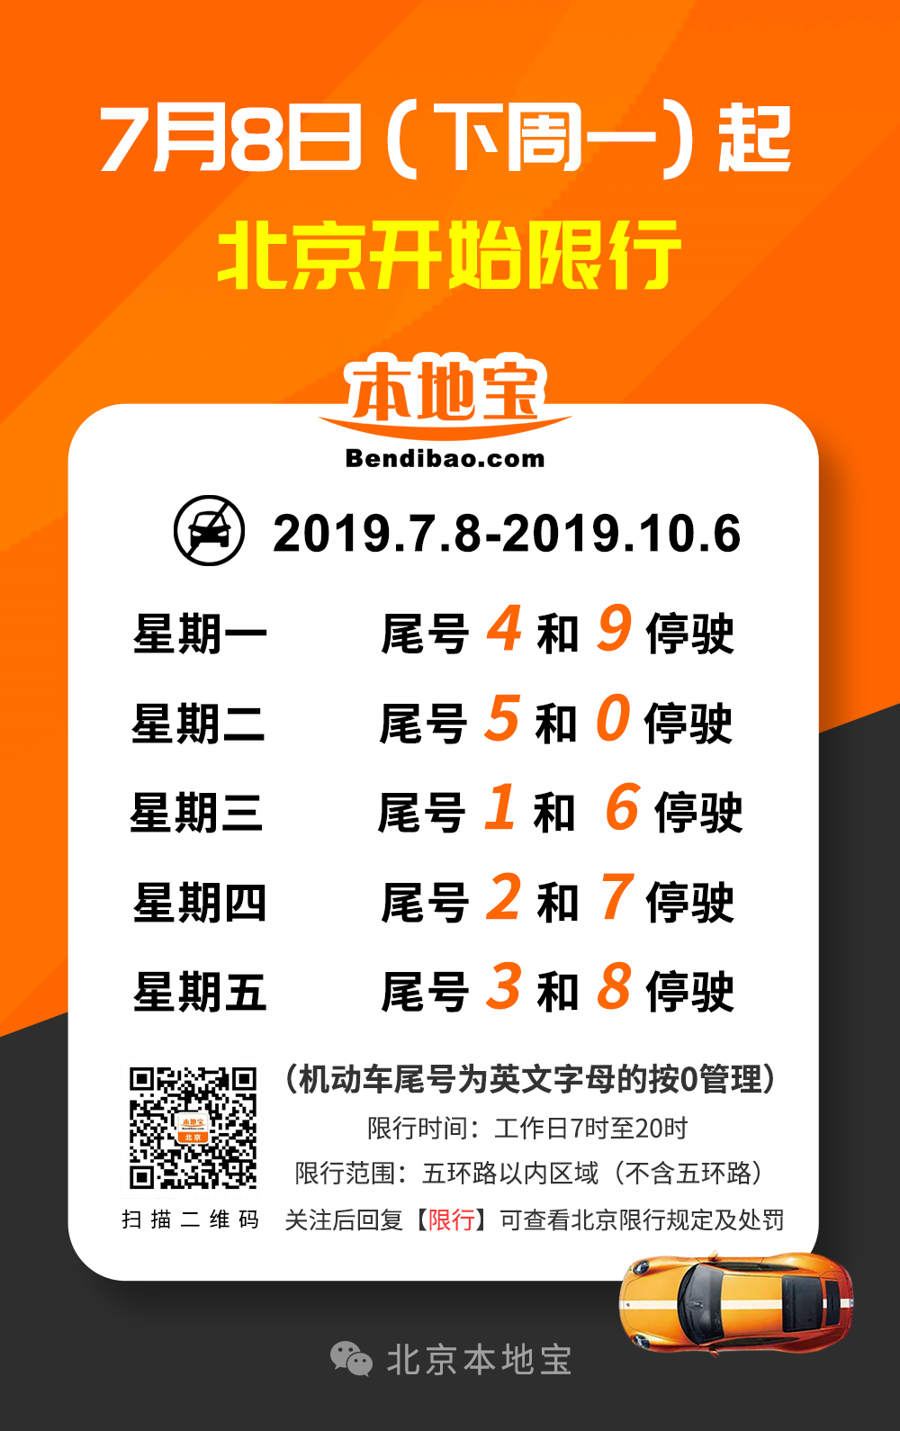 2019年7月8日起北京新一轮尾号限行须知